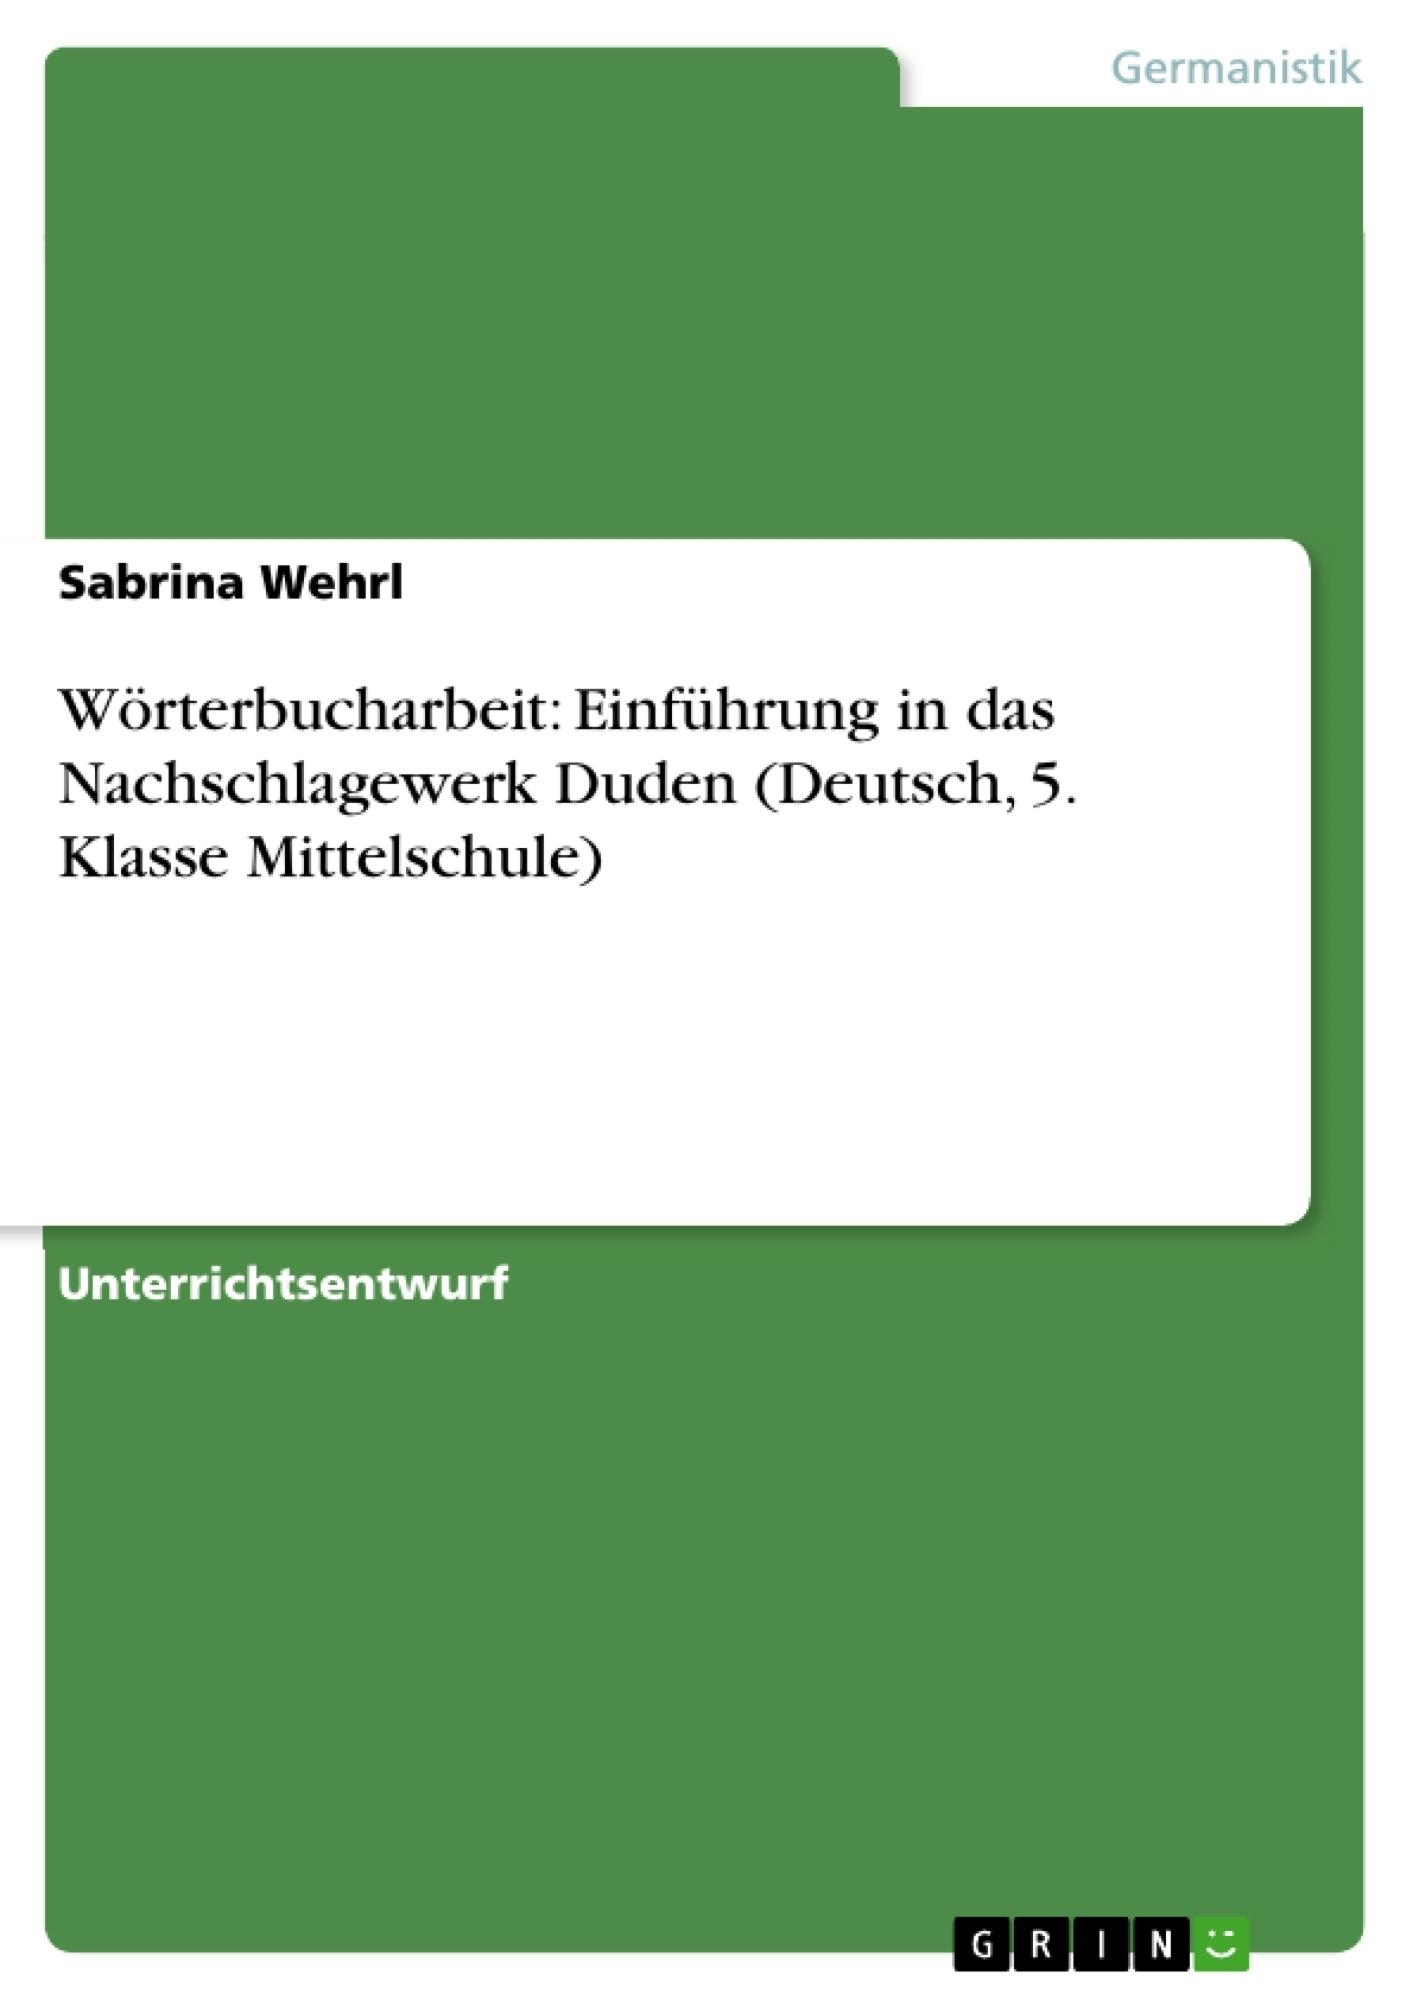 Titel: Wörterbucharbeit: Einführung in das Nachschlagewerk Duden (Deutsch, 5. Klasse Mittelschule)